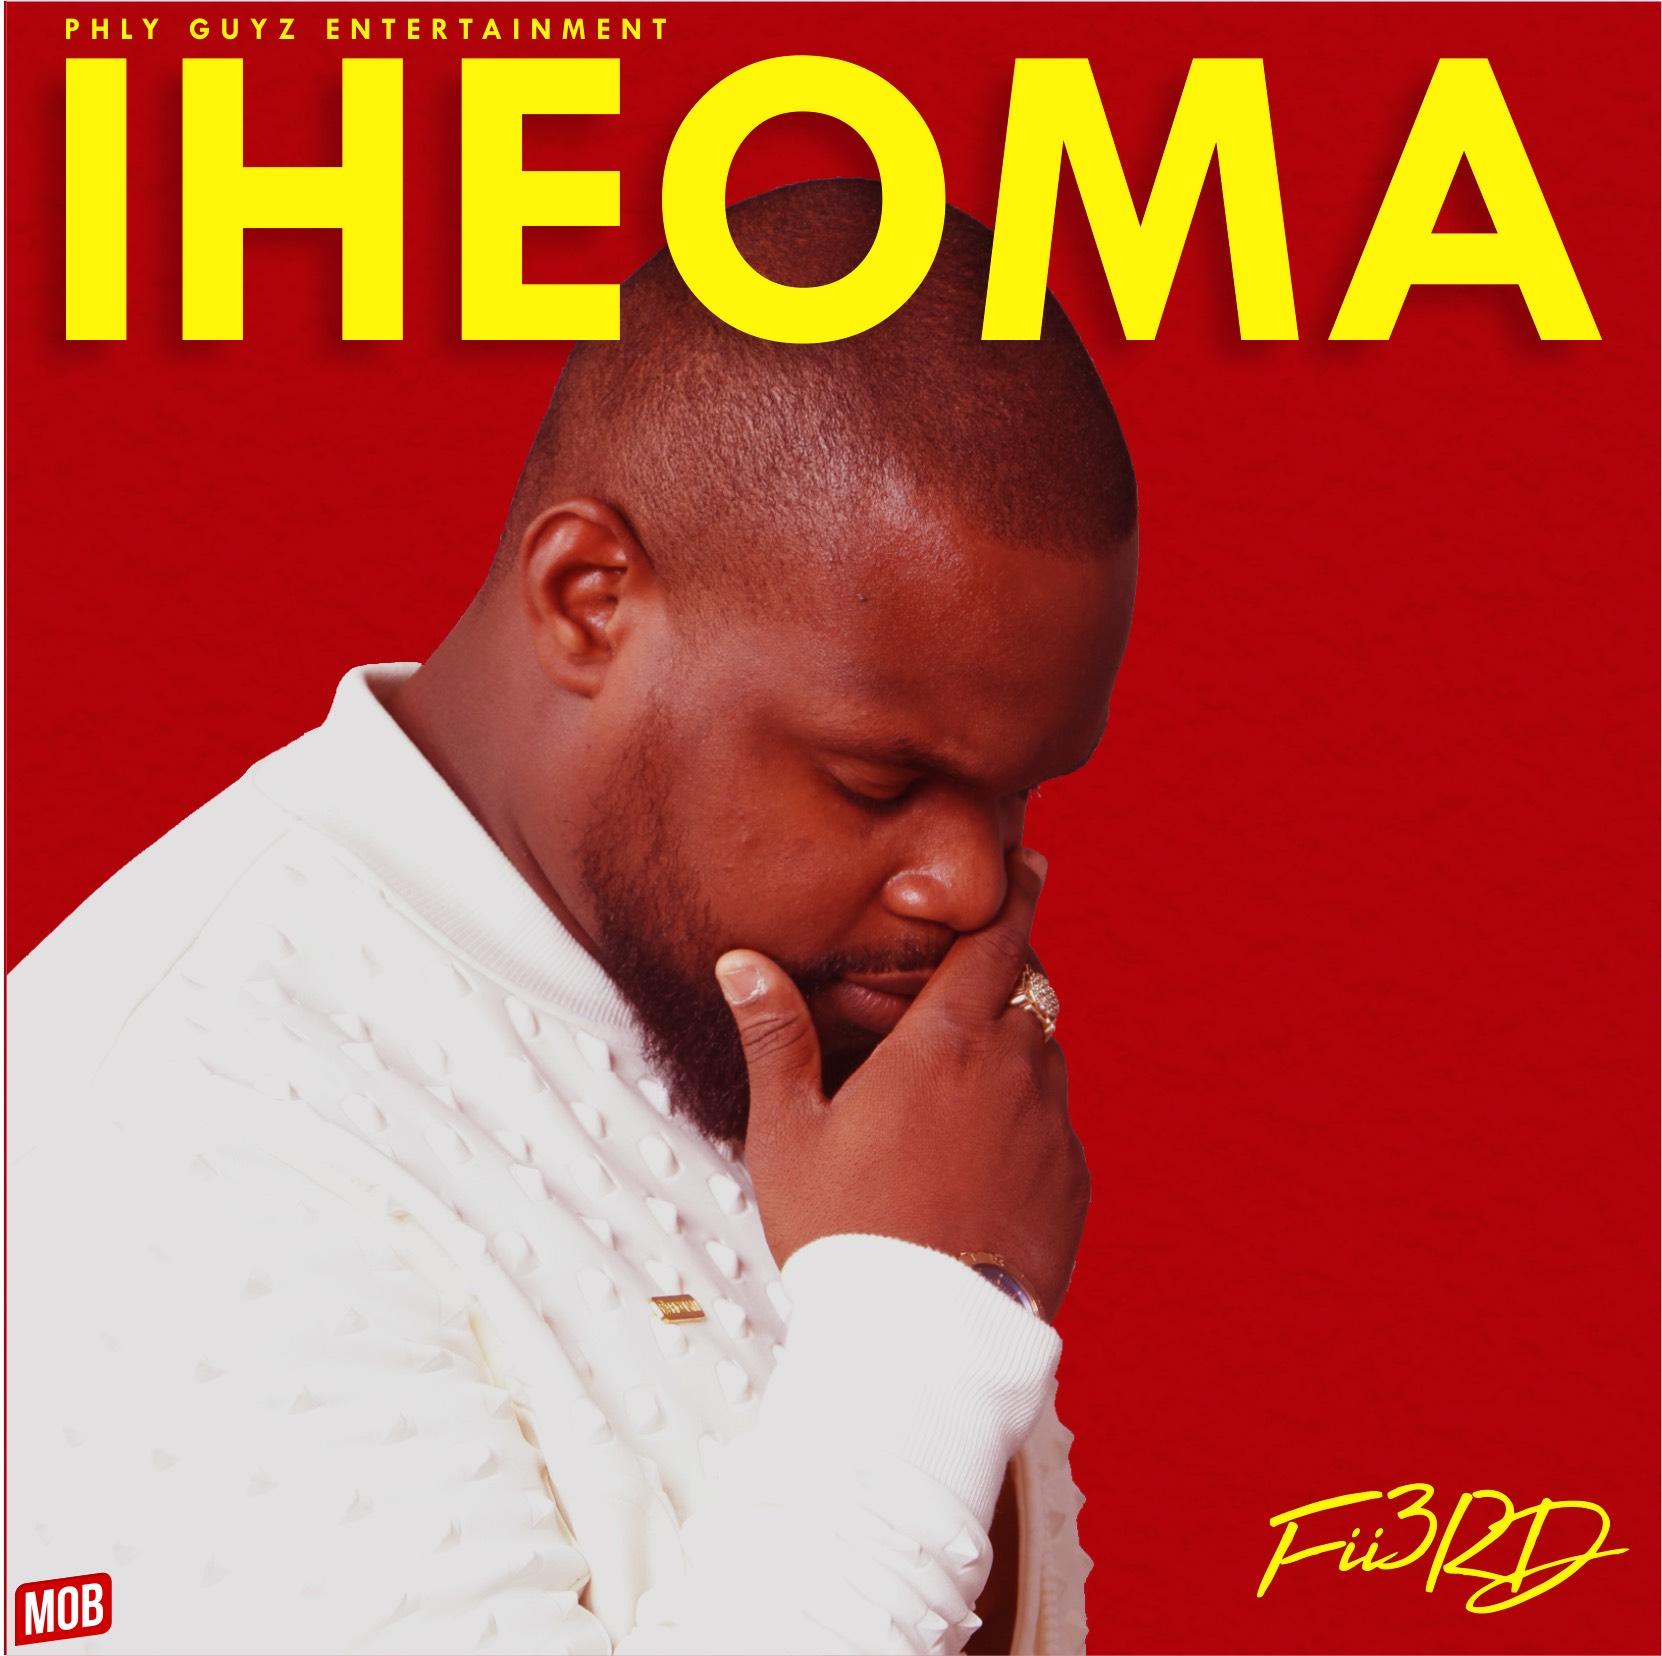 Fii3rd Music: Fii3rd – Iheoma Music